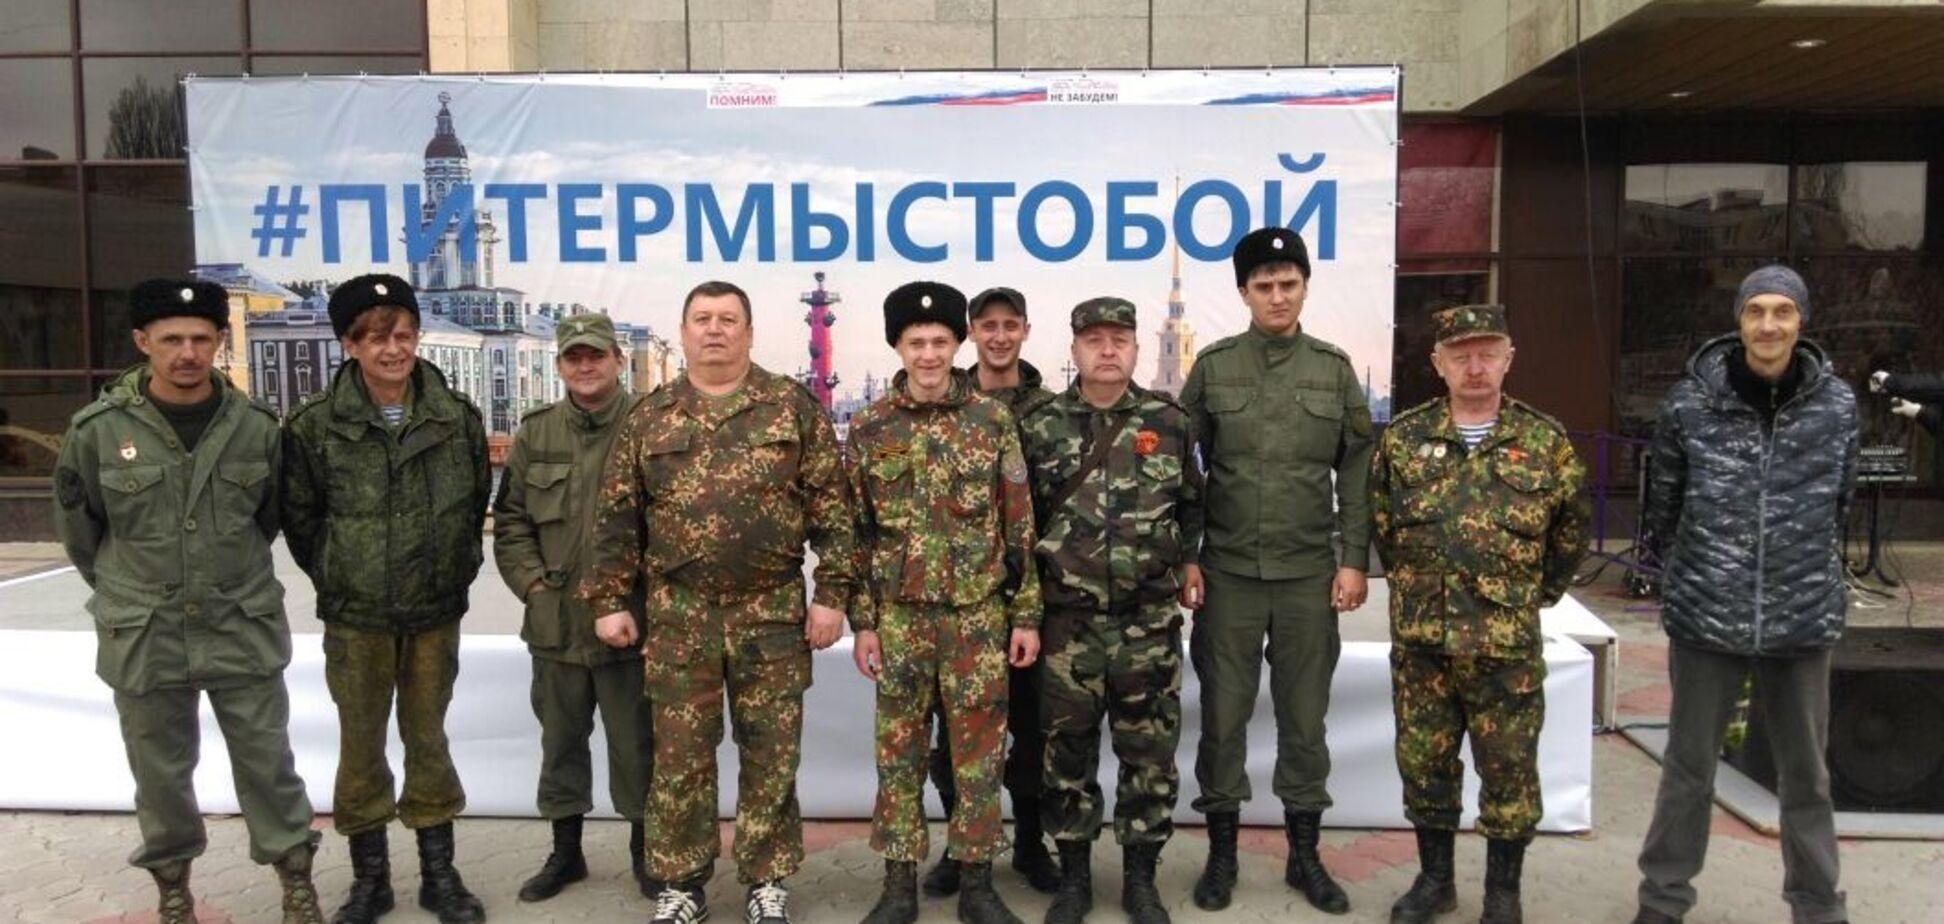 Воевал против украинцев: в сети 'спалили' очередного 'казака-ихтамнета'